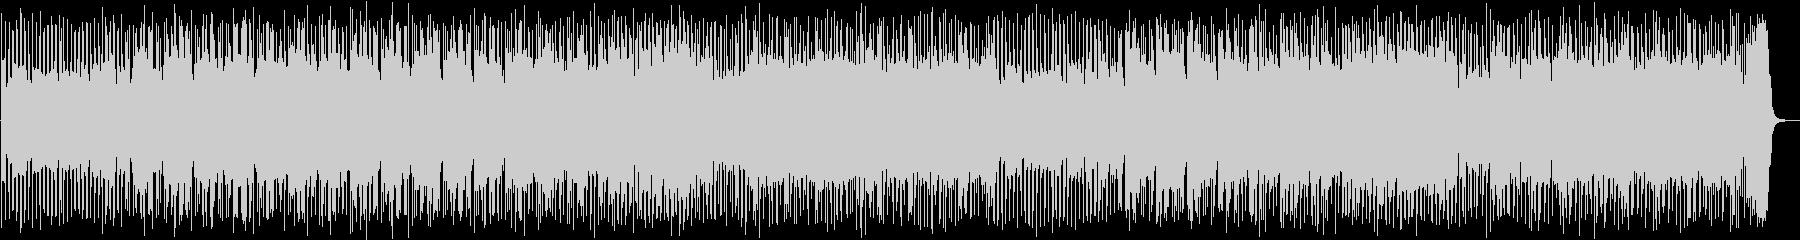 アメリカンロック・ギター・メロディアスの未再生の波形